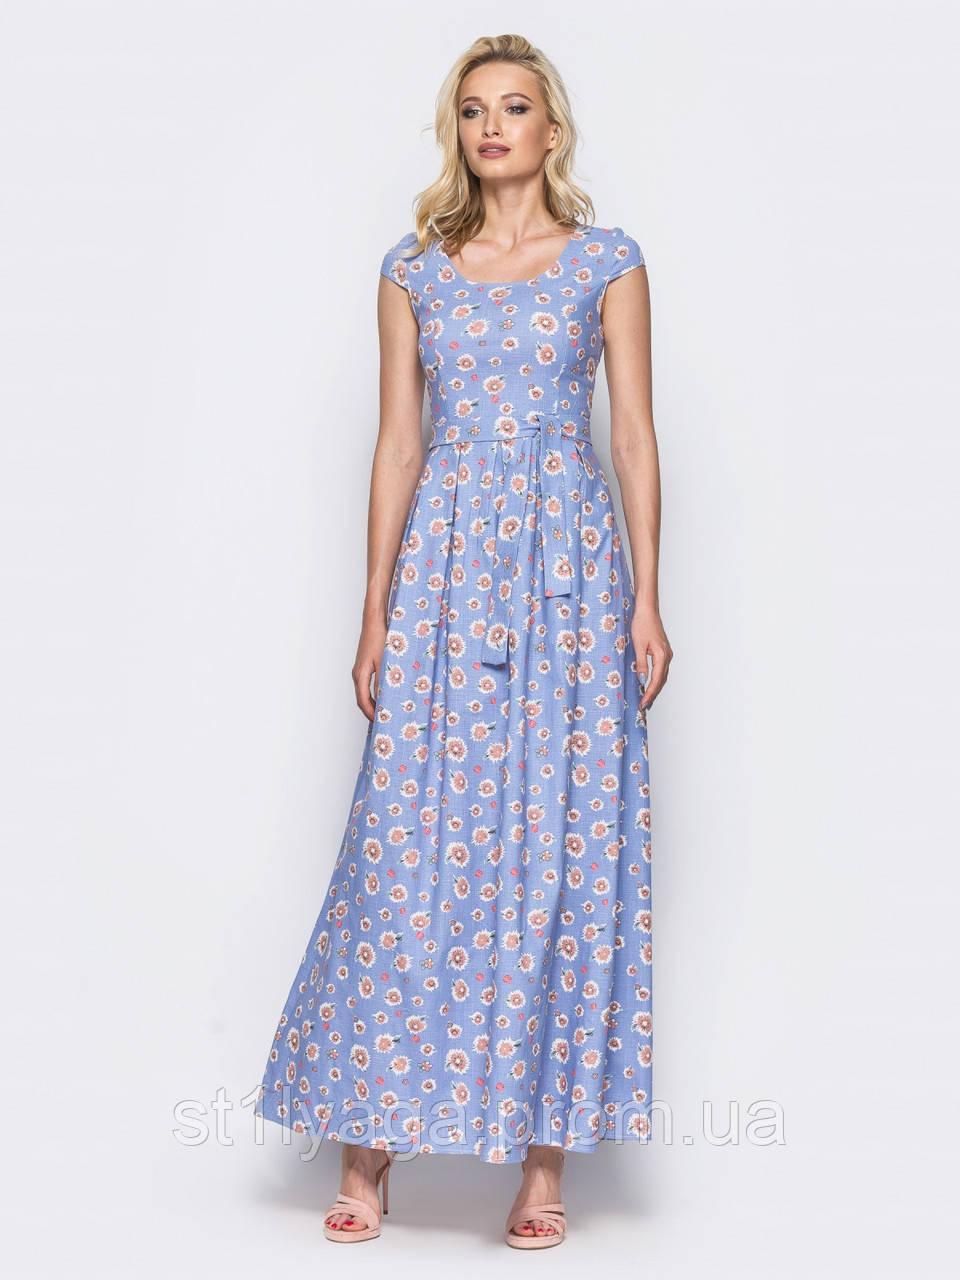 1561ea0f99c Льняное платье в пол с нежным цветочным принтом голубой ЛЕТО -  Интернет-магазин Stilyaga-